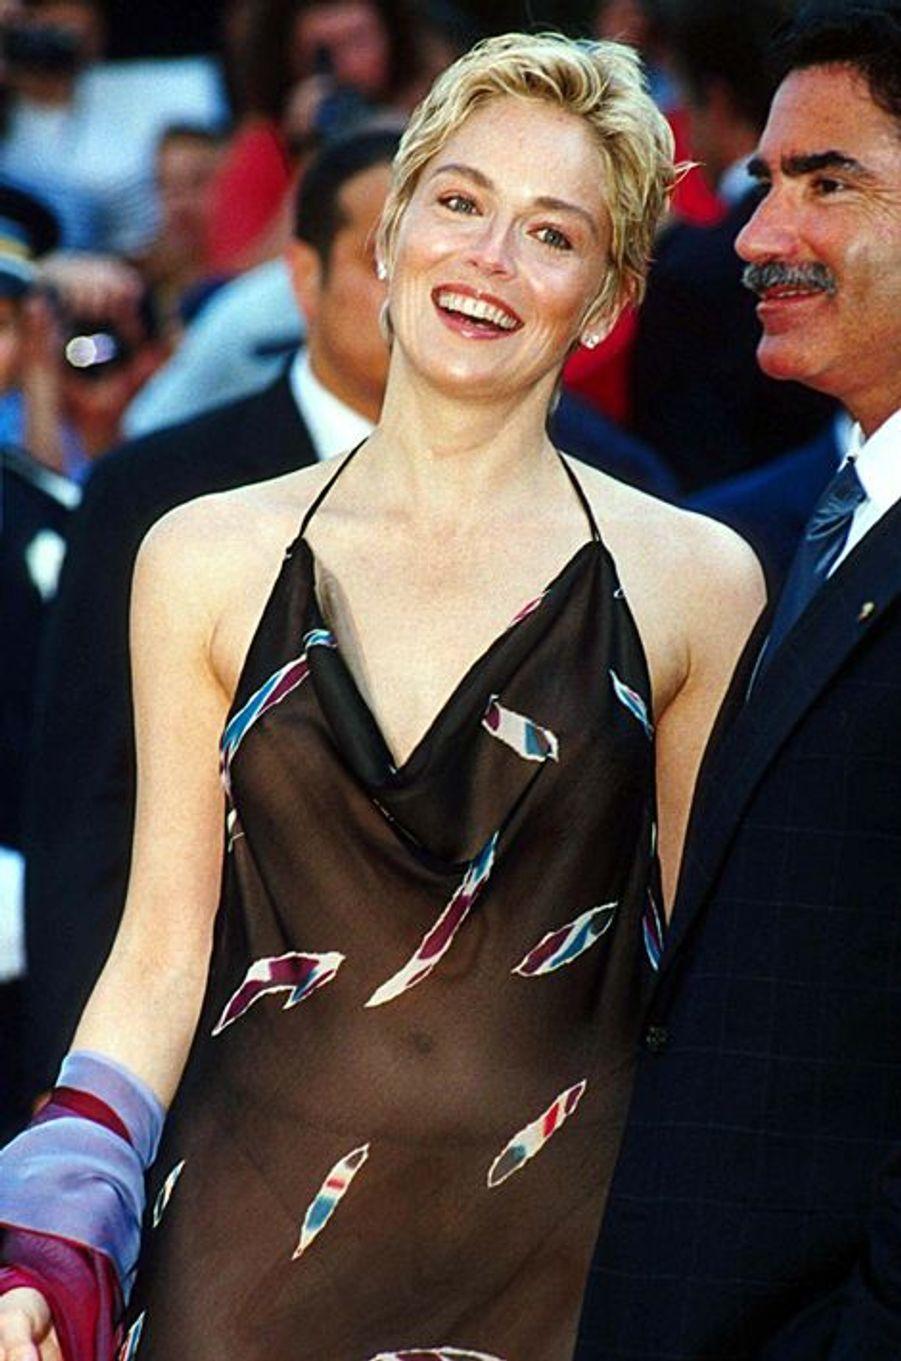 À Cannes en 1998